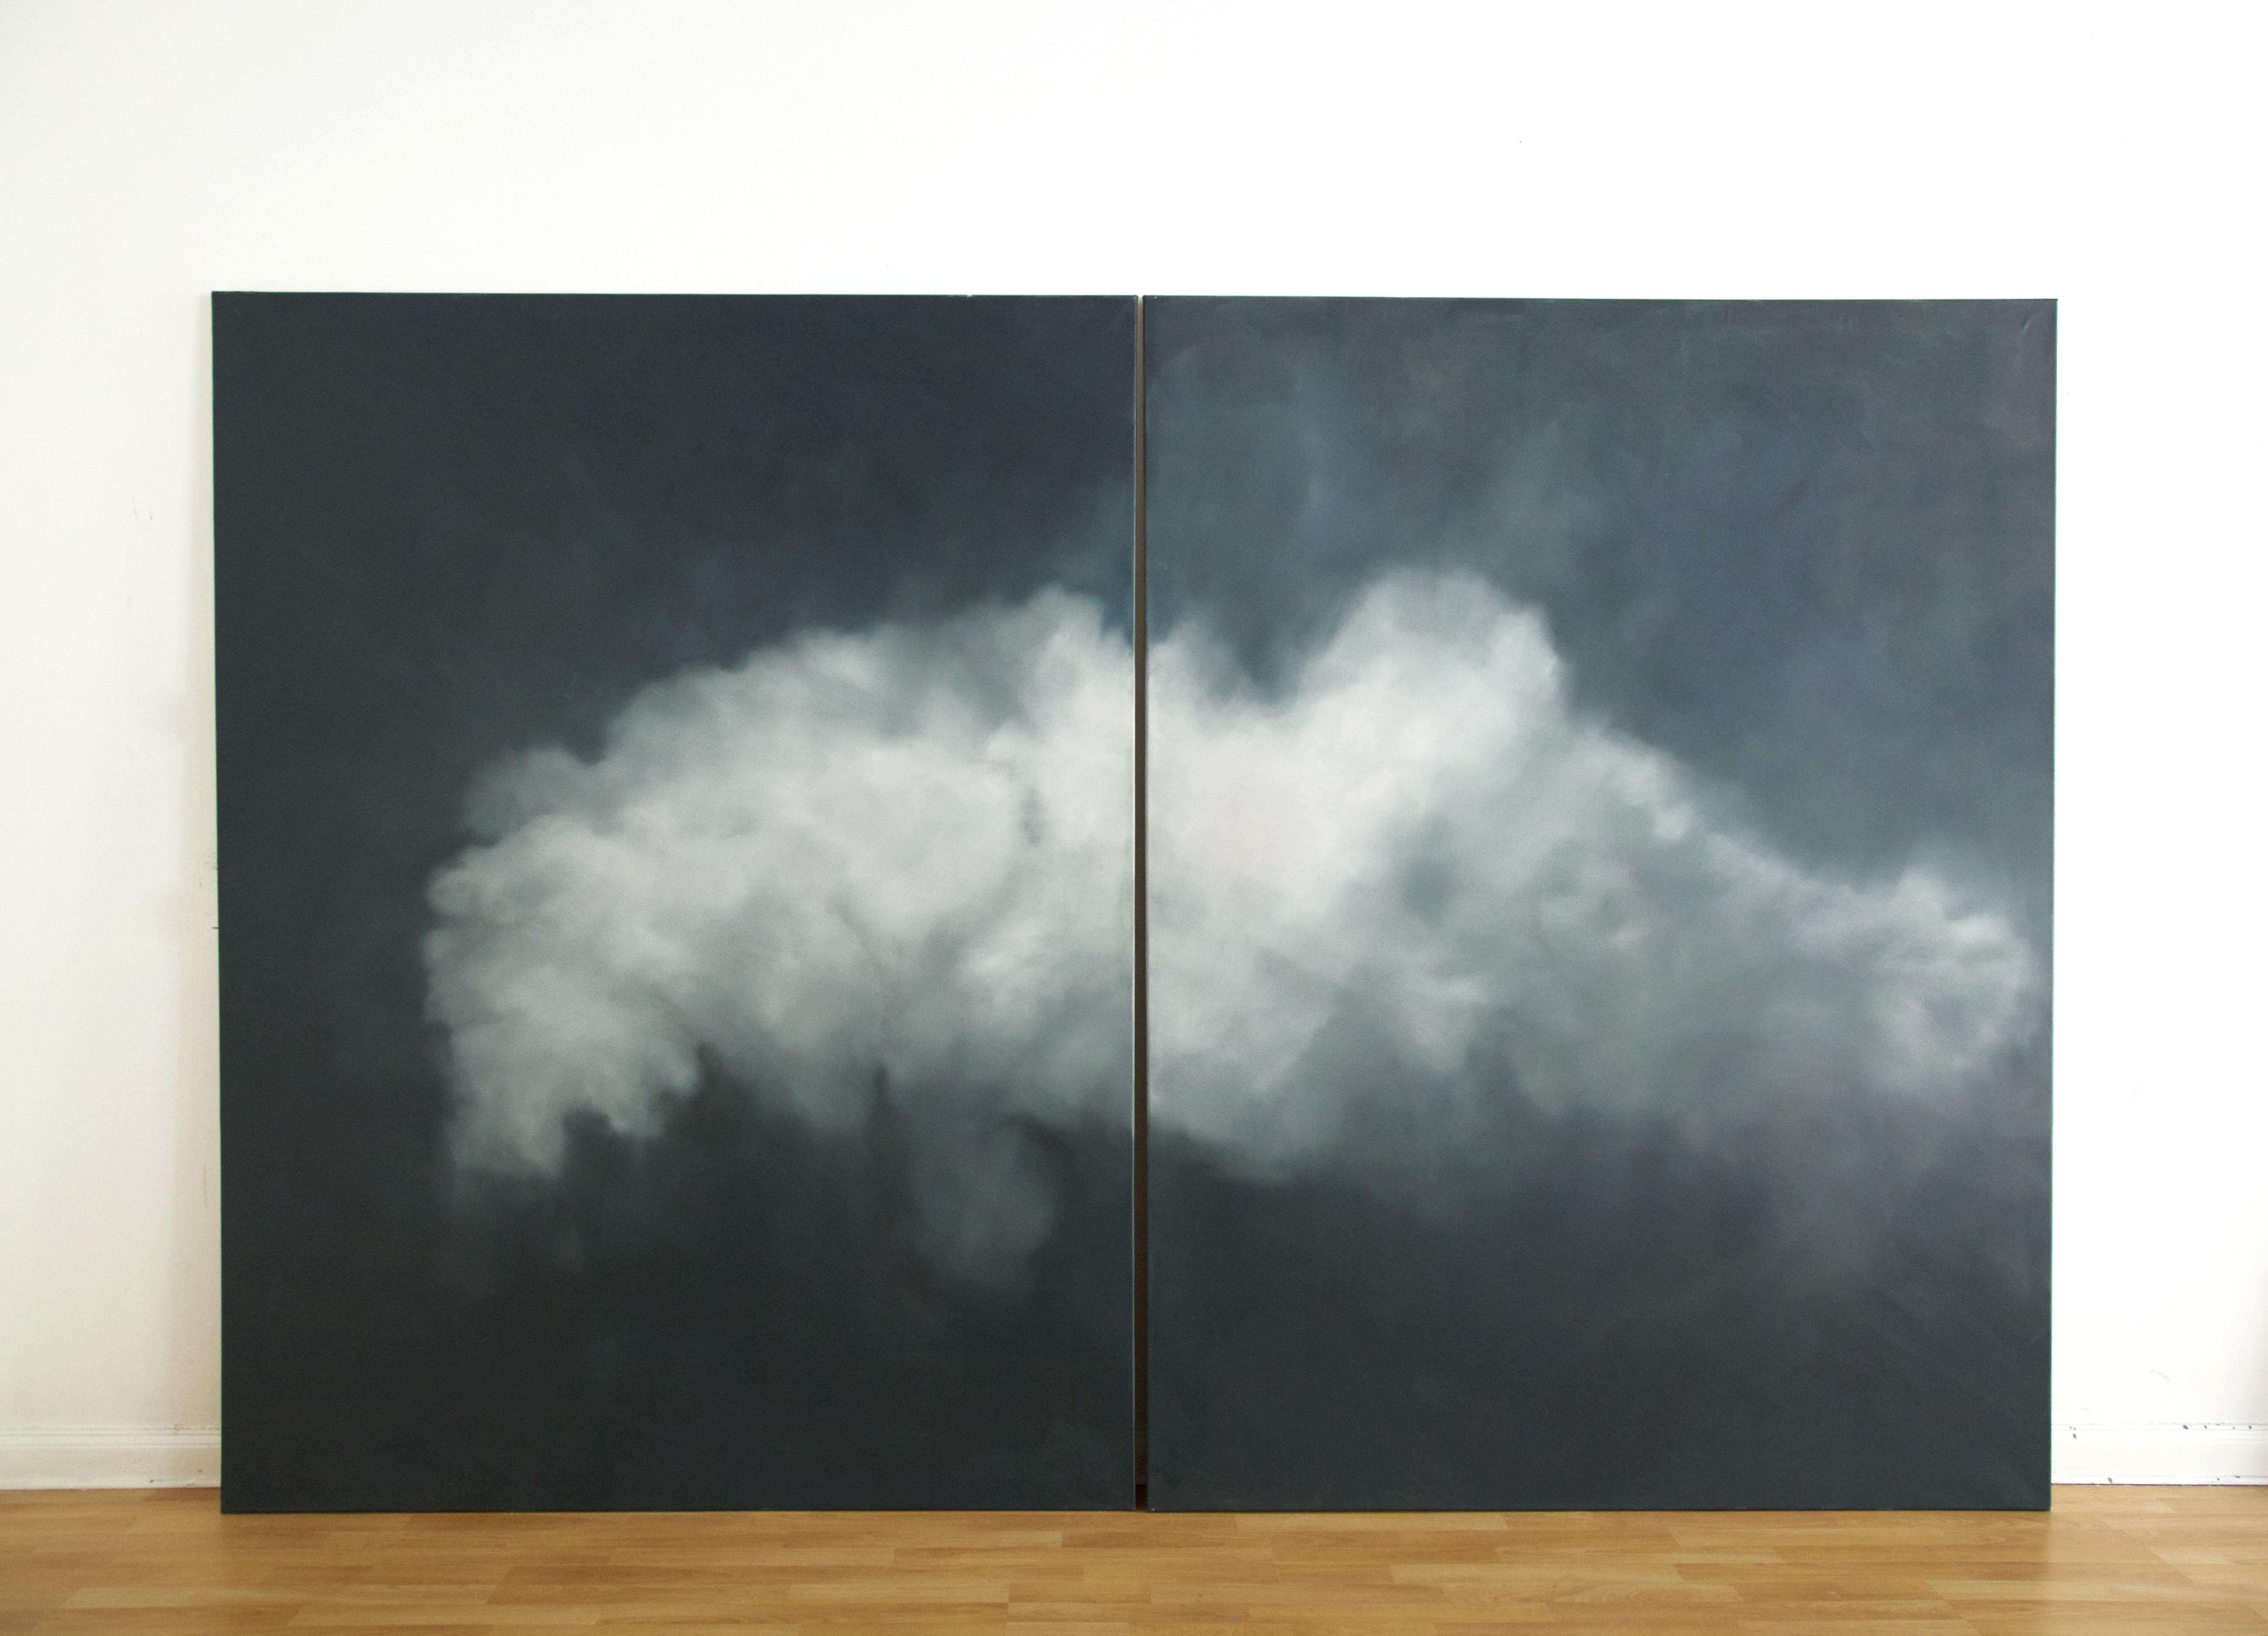 Cloud Project (Klingenberg), oil on canvas, 200x 300 cm, 2017